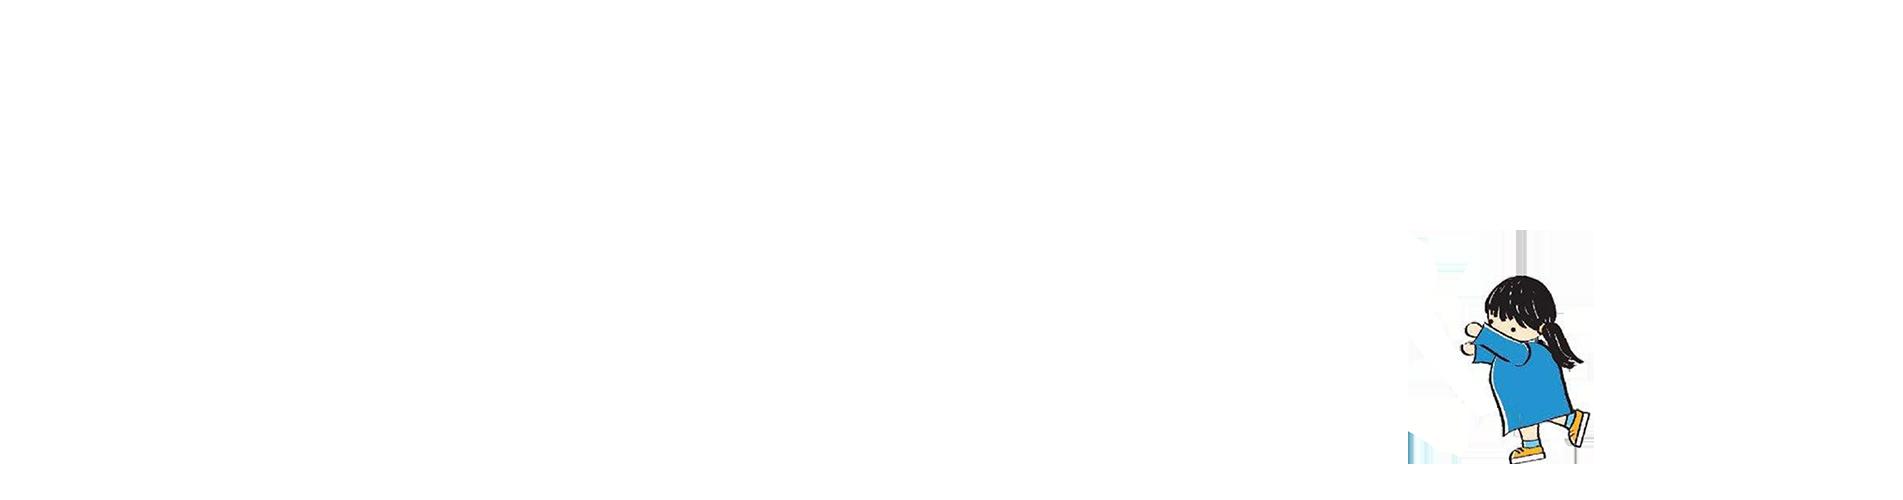 מילים - משחקים שפה - ילדה מנסה לתפוס בלון